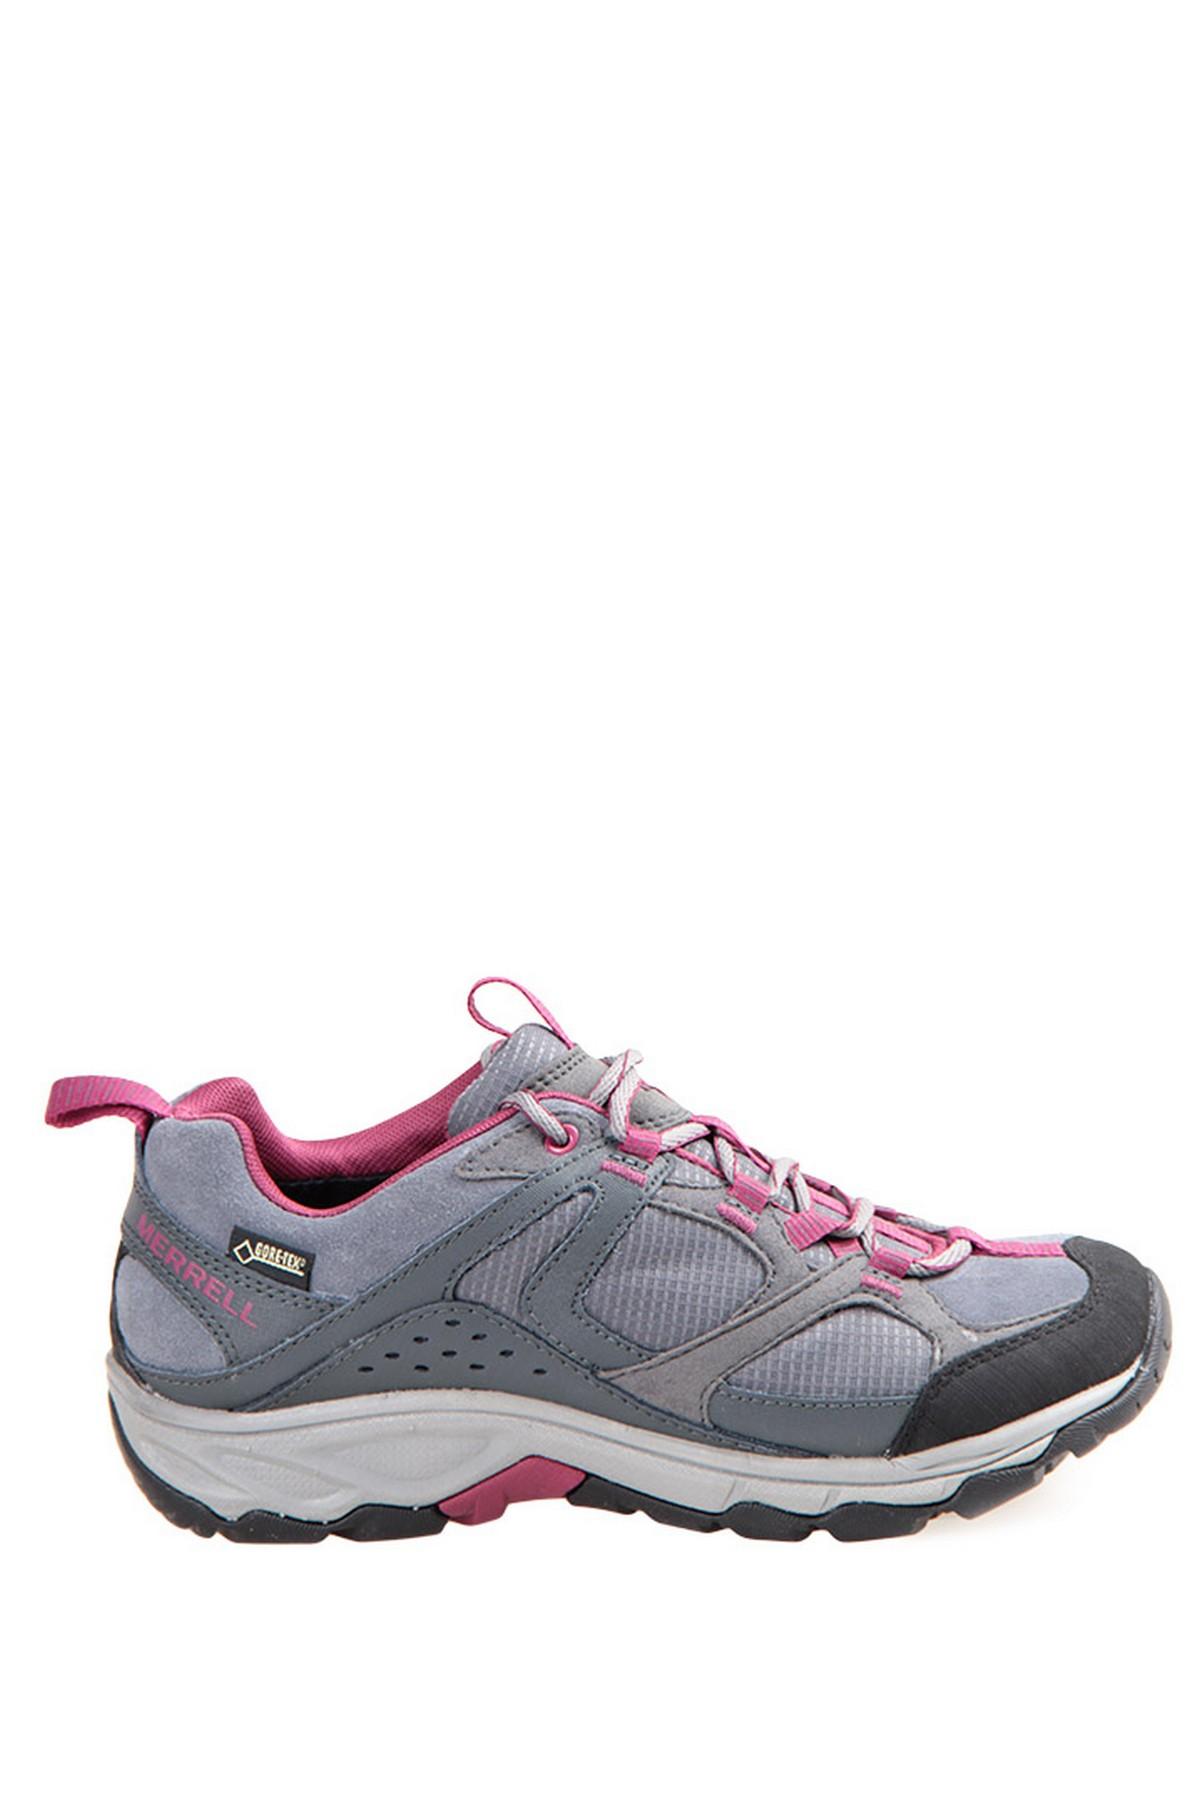 Merrell Daria GoreTex Outdoor Ayakkabı (J21462)